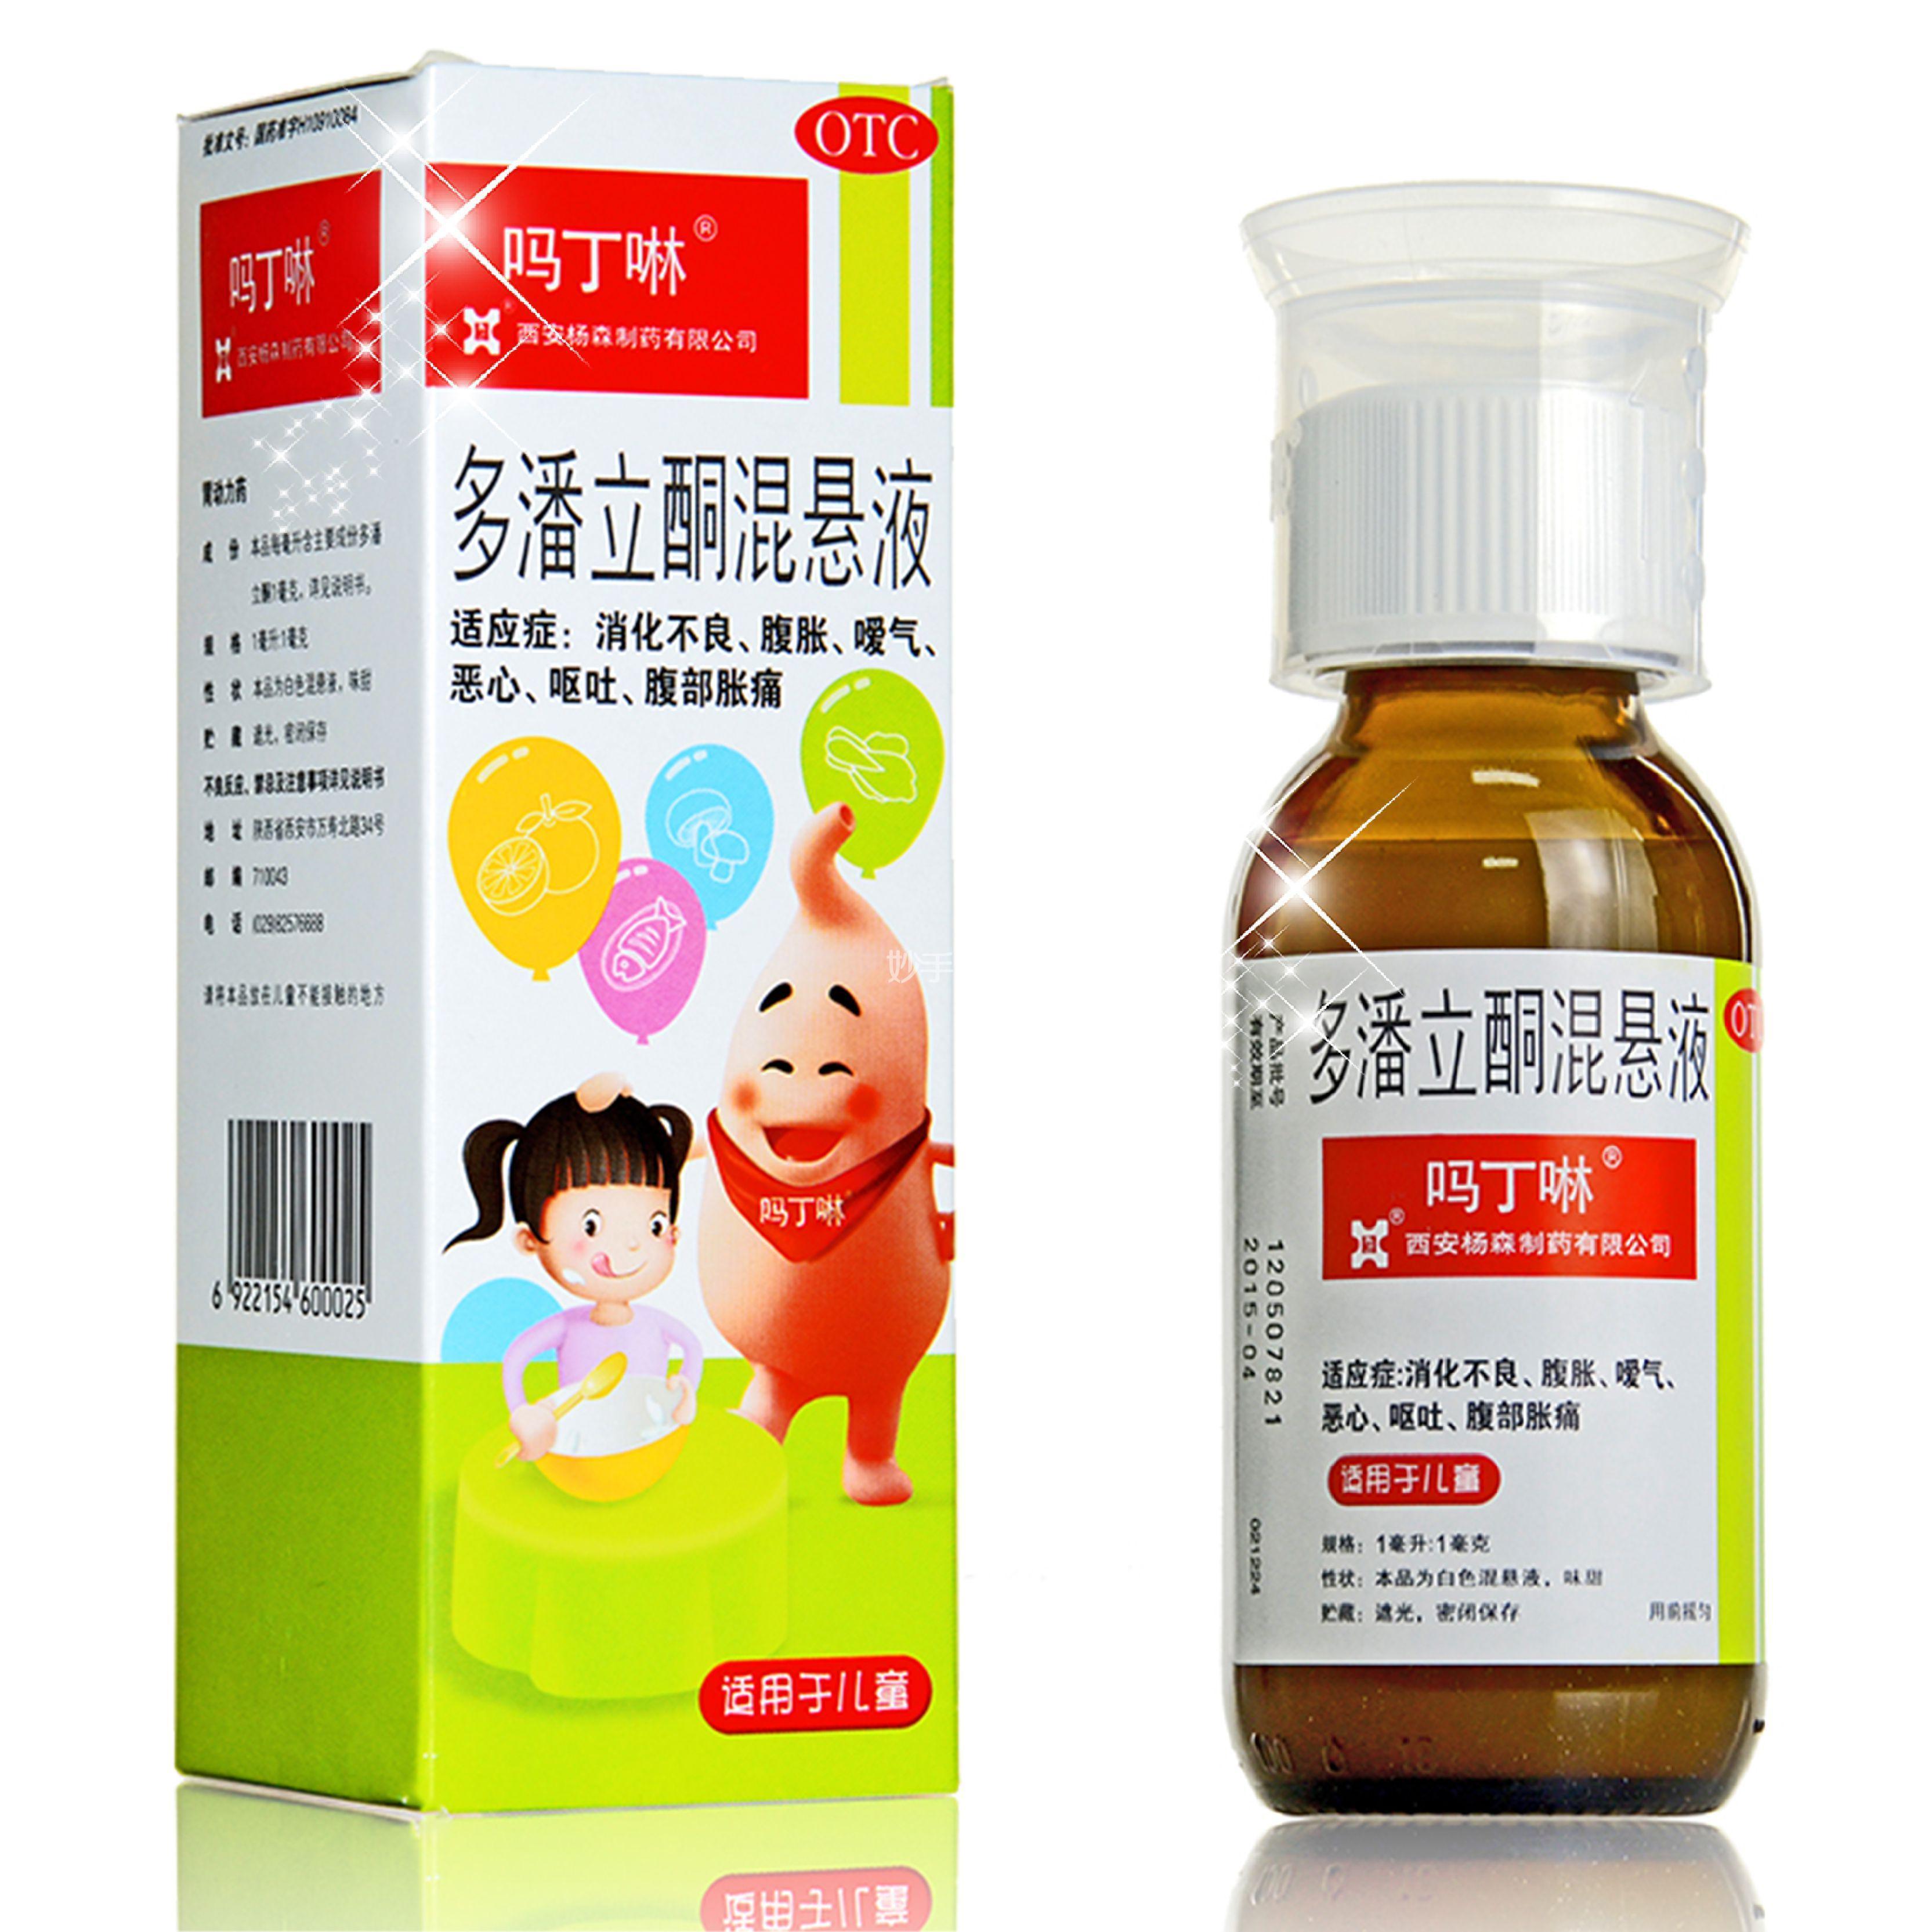 吗丁啉 多潘立酮混悬液 (1ml:1mg)*100ml